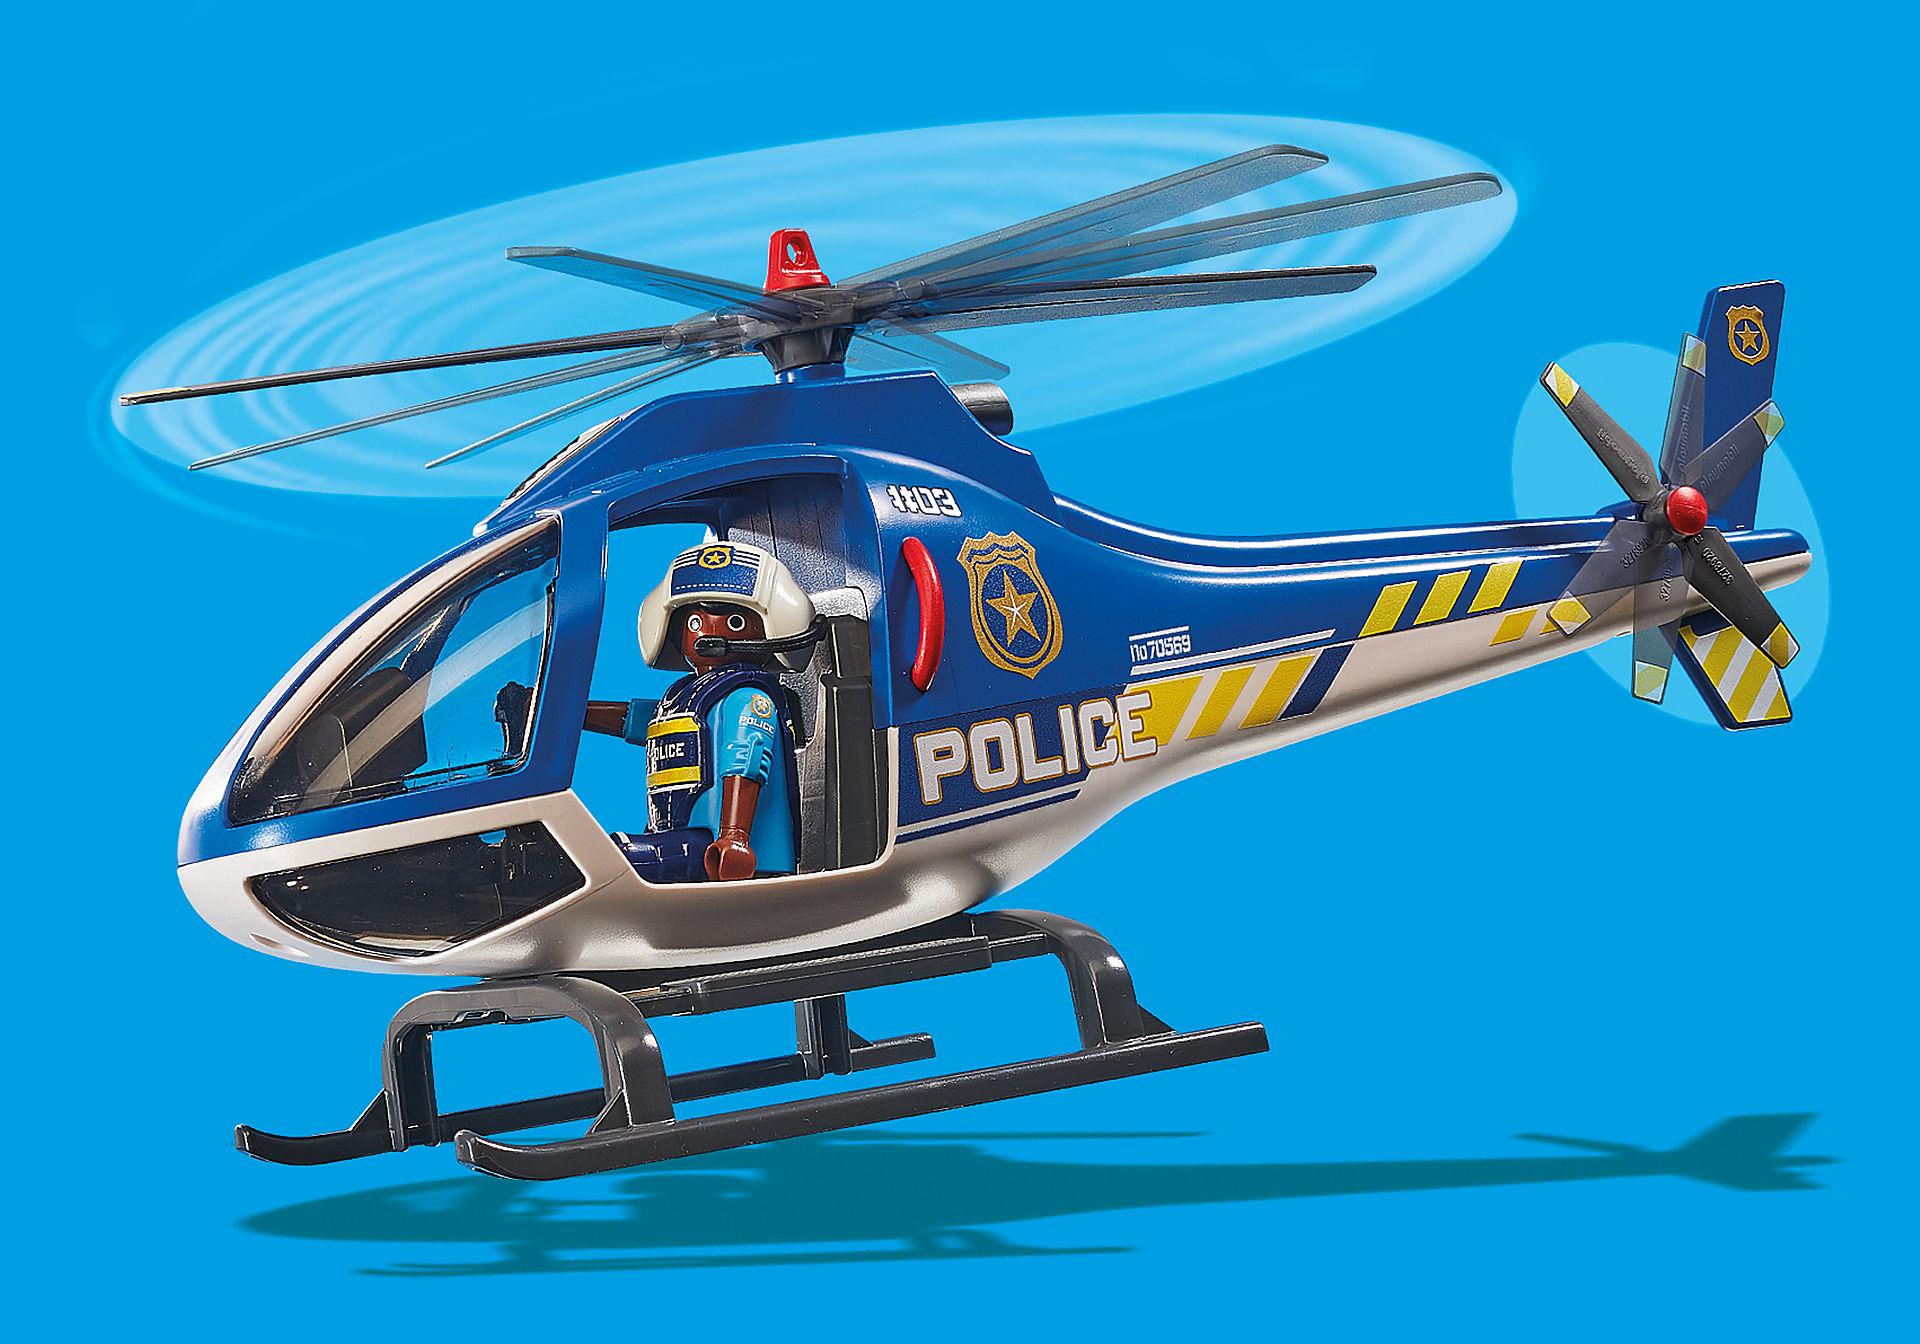 70569 Helicóptero da Polícia: Perseguição em paraquedas zoom image6